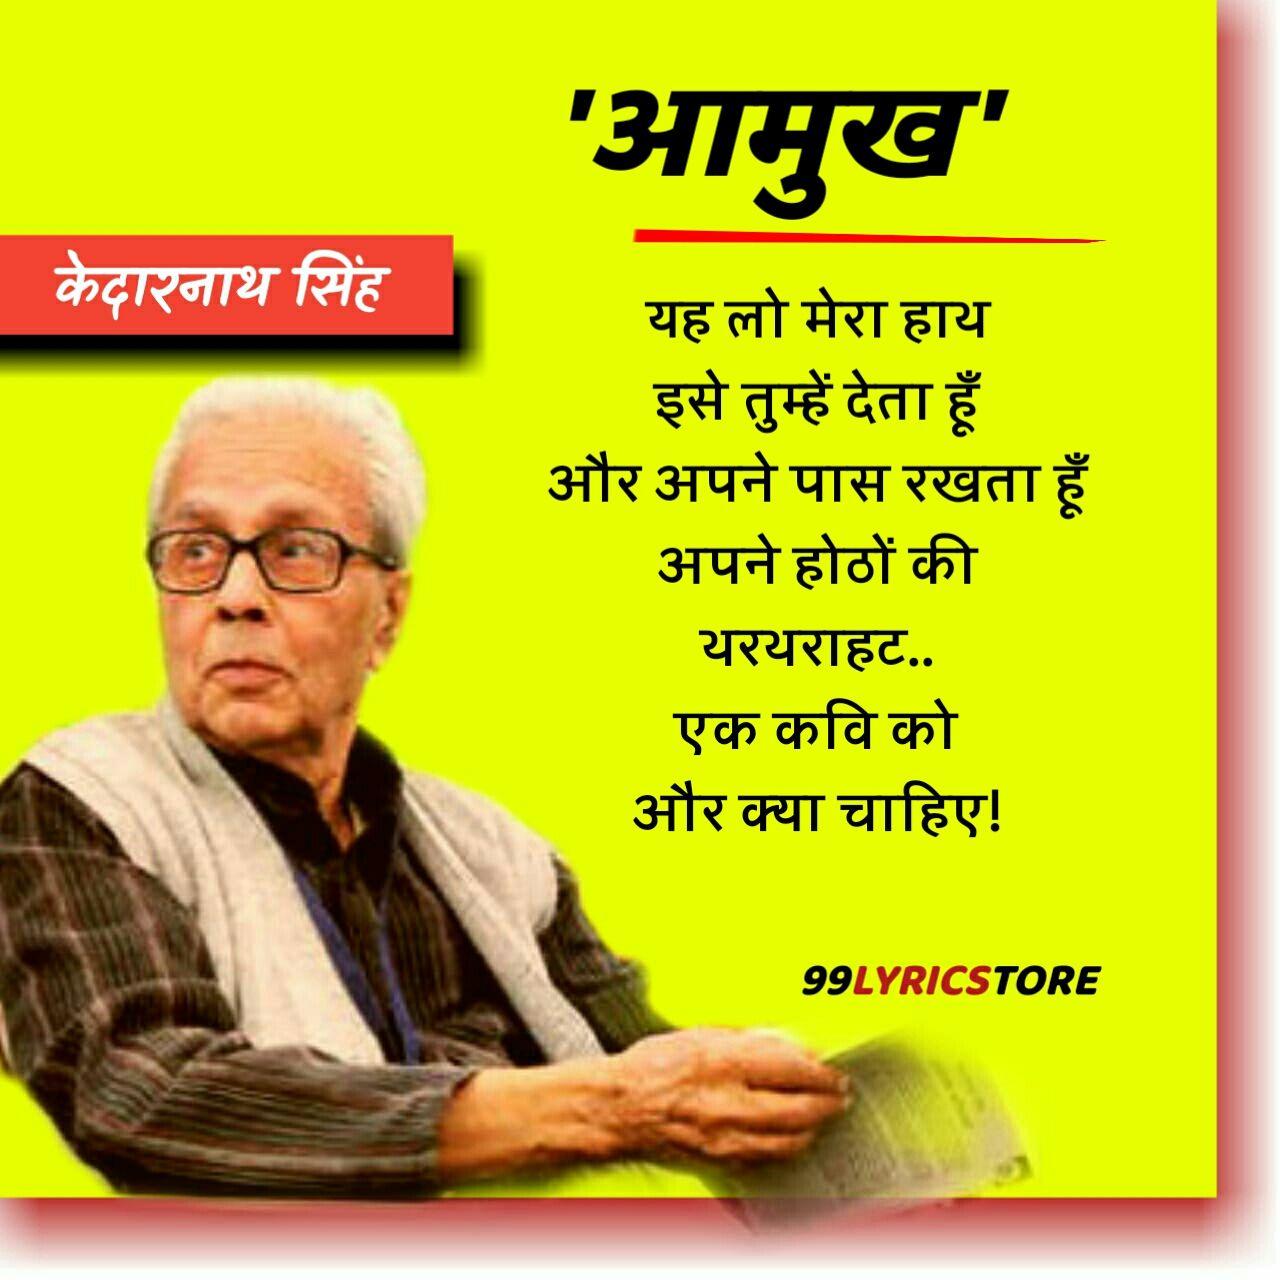 'आमुख' केदारनाथ सिंह जी द्वारा लिखी गई एक हिन्दी कविता है। यह केदार जी की 'बाघ' नामक काव्य-संग्रह में सम्मिलित कविताओ में से एक है।